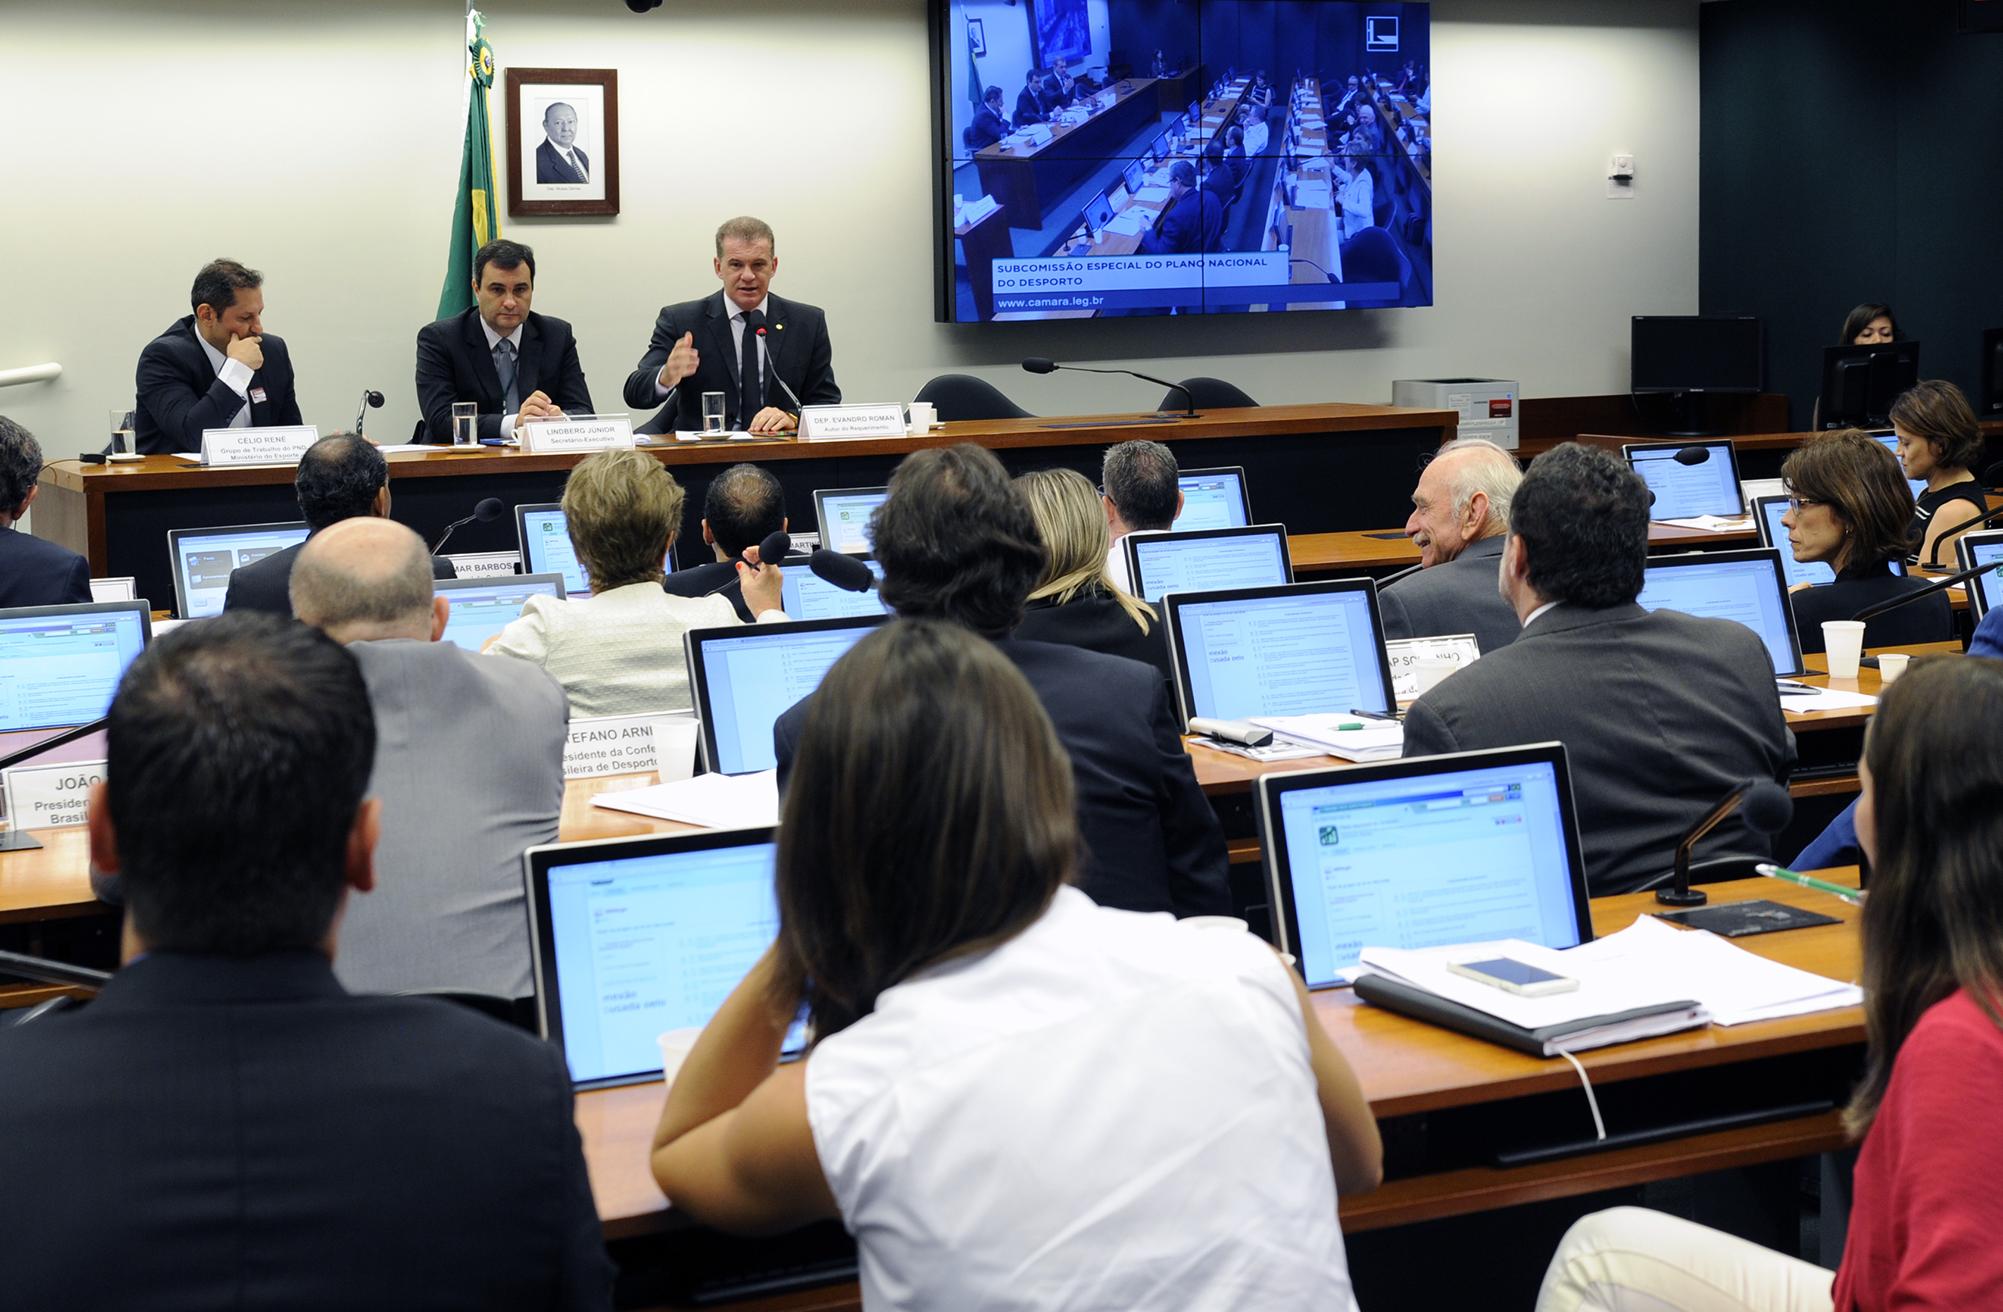 Subcomissão Especial do Plano Nacional do Desporto  Mesa Redonda: A terceira etapa da proposta do Plano Nacional do Desporto